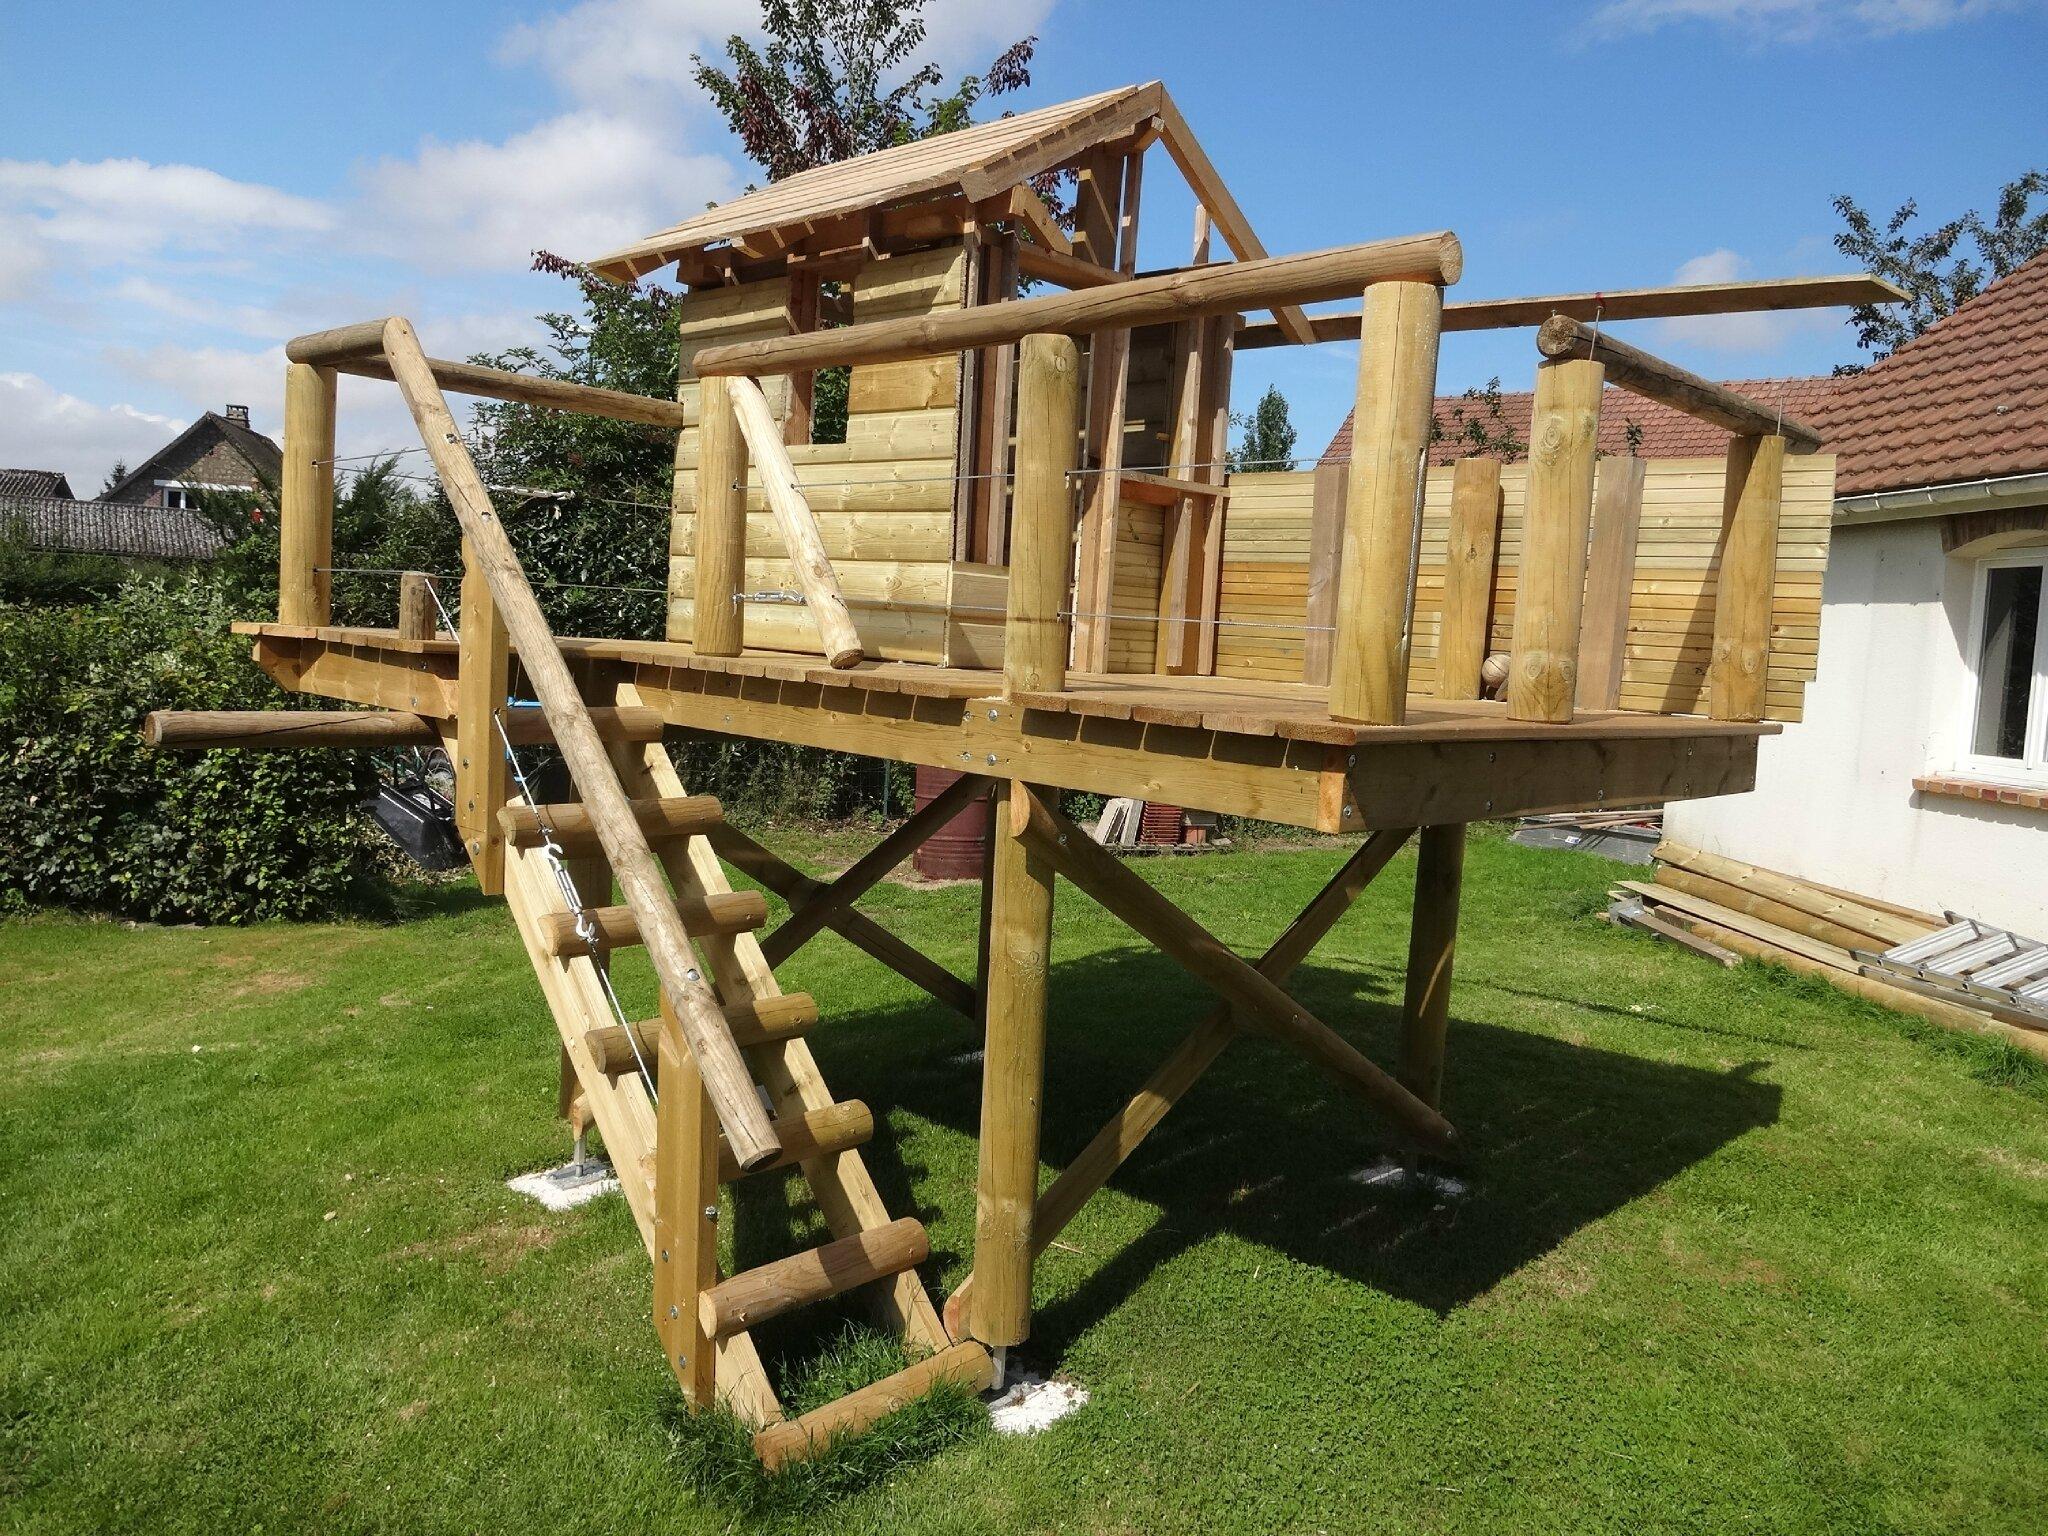 Construction Cabane Enfant destiné esteville (76) -travaux divers- construction d'une cabane d'enfants